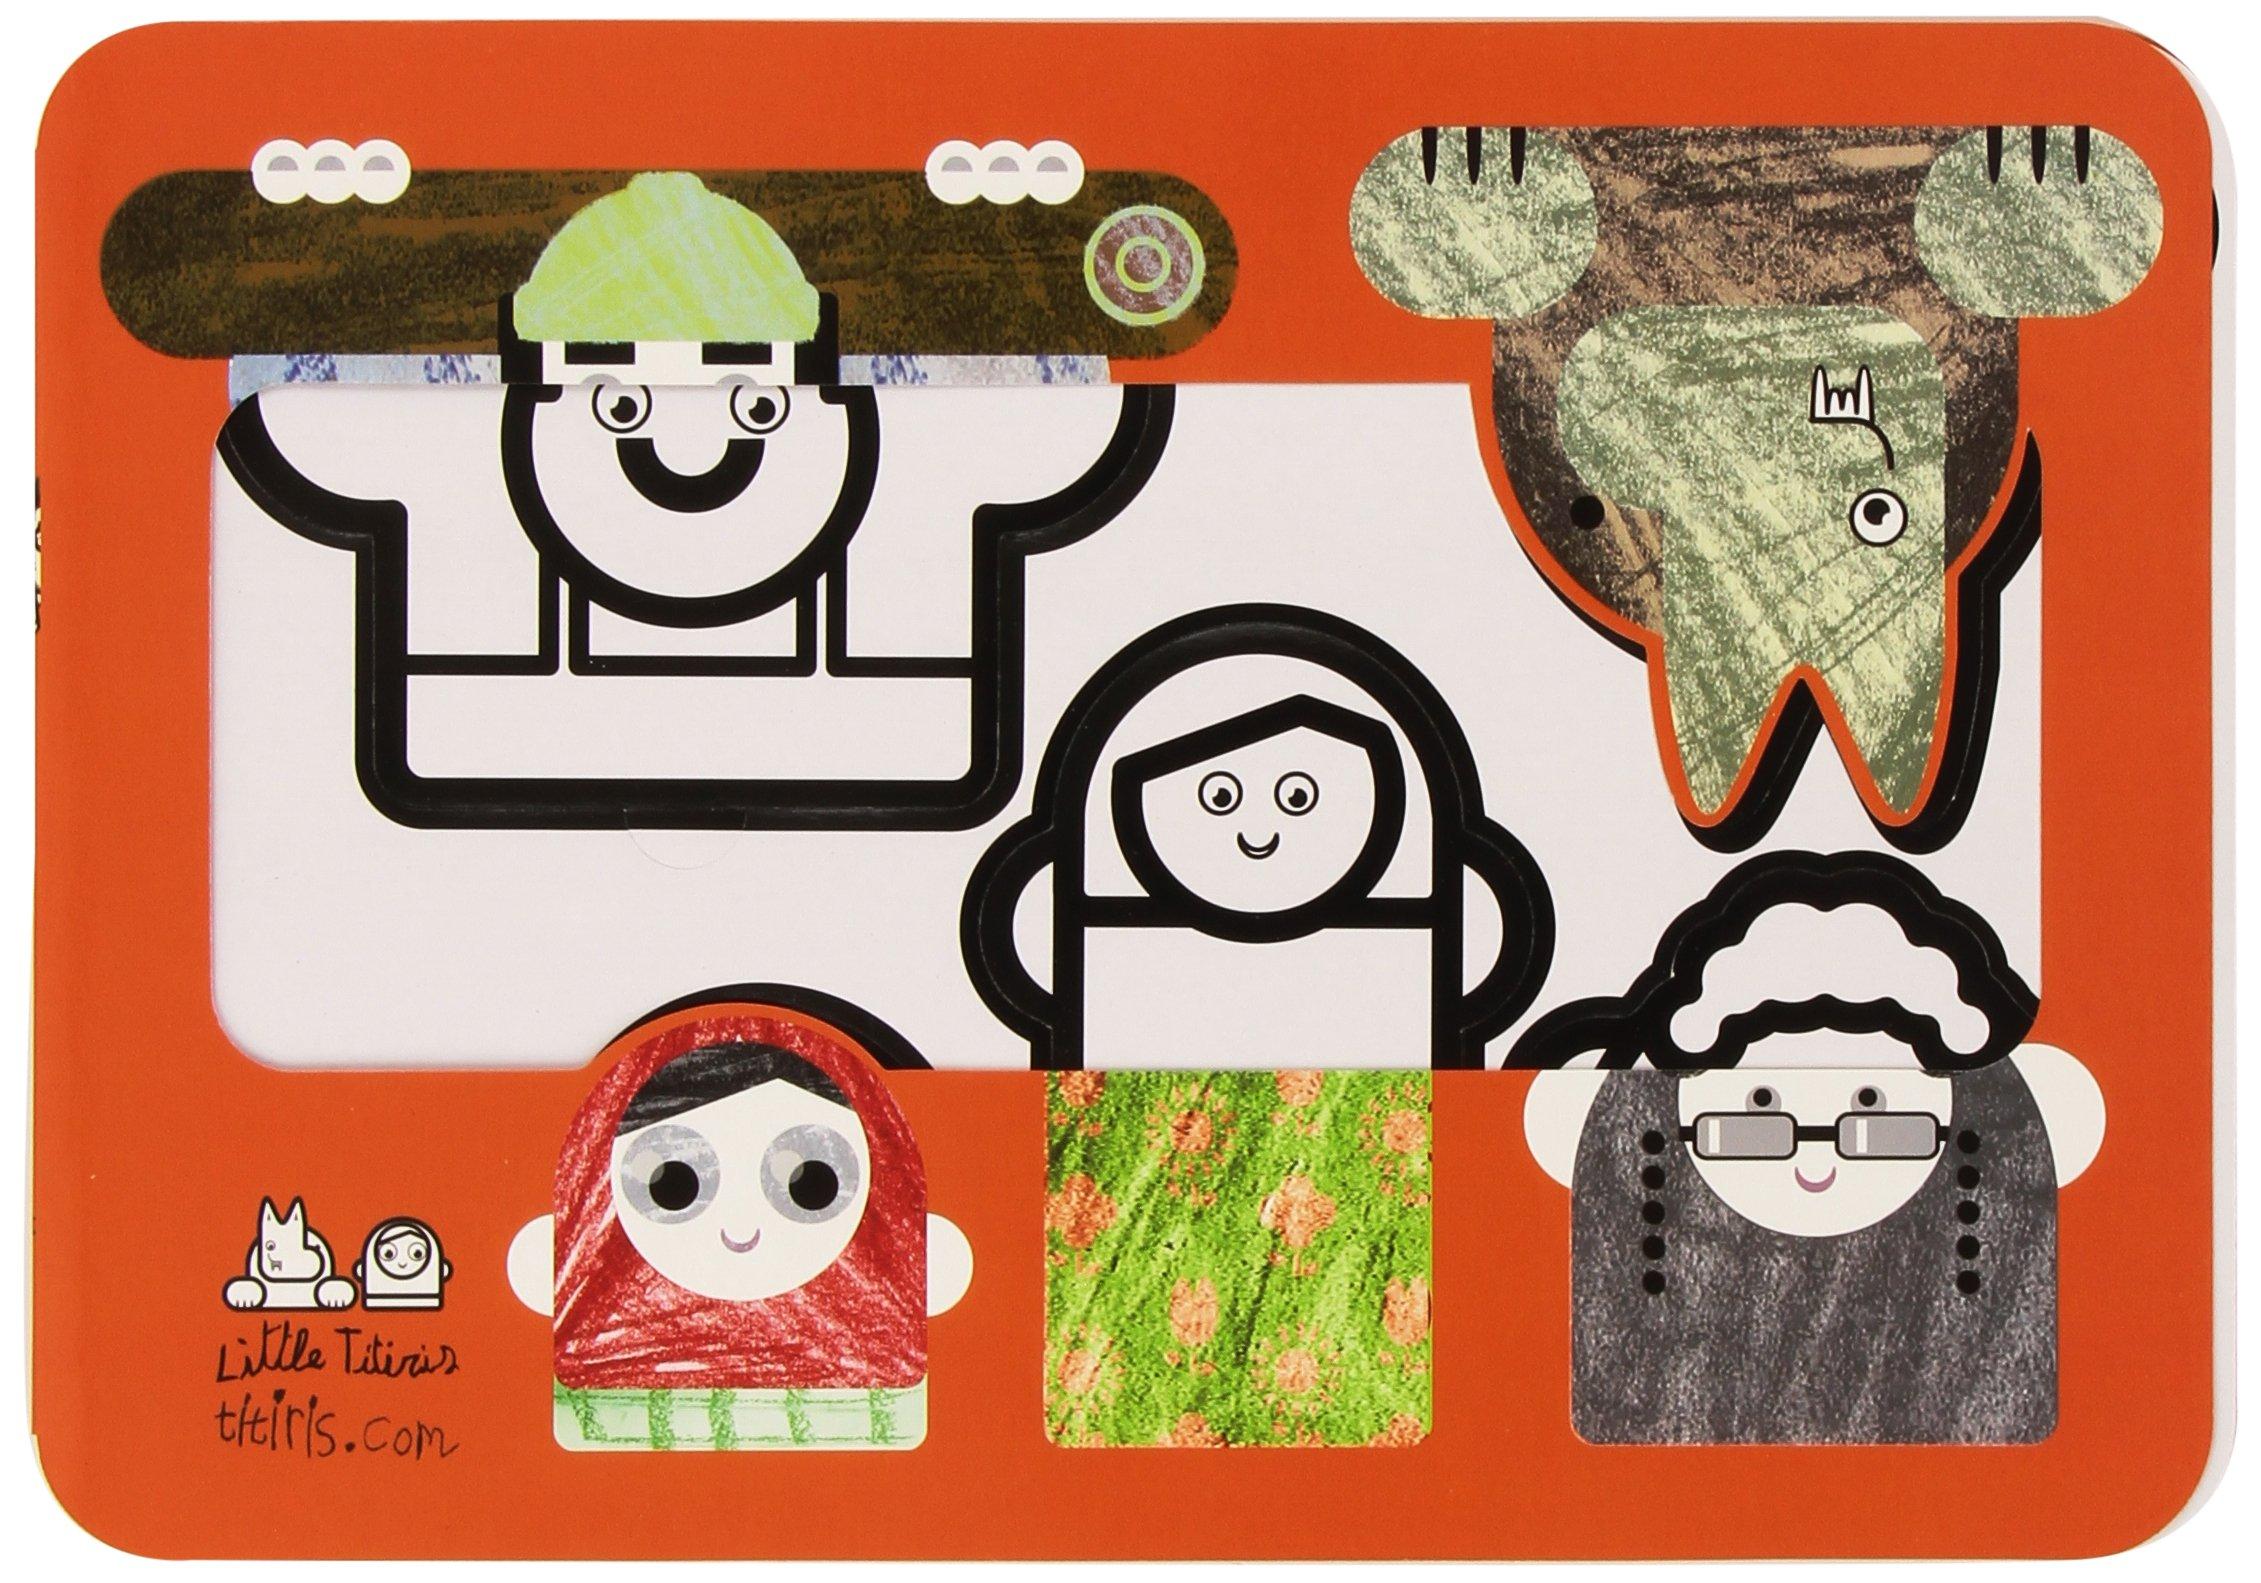 casita de carton para pintar con personajes (Spanish Edition) pdf